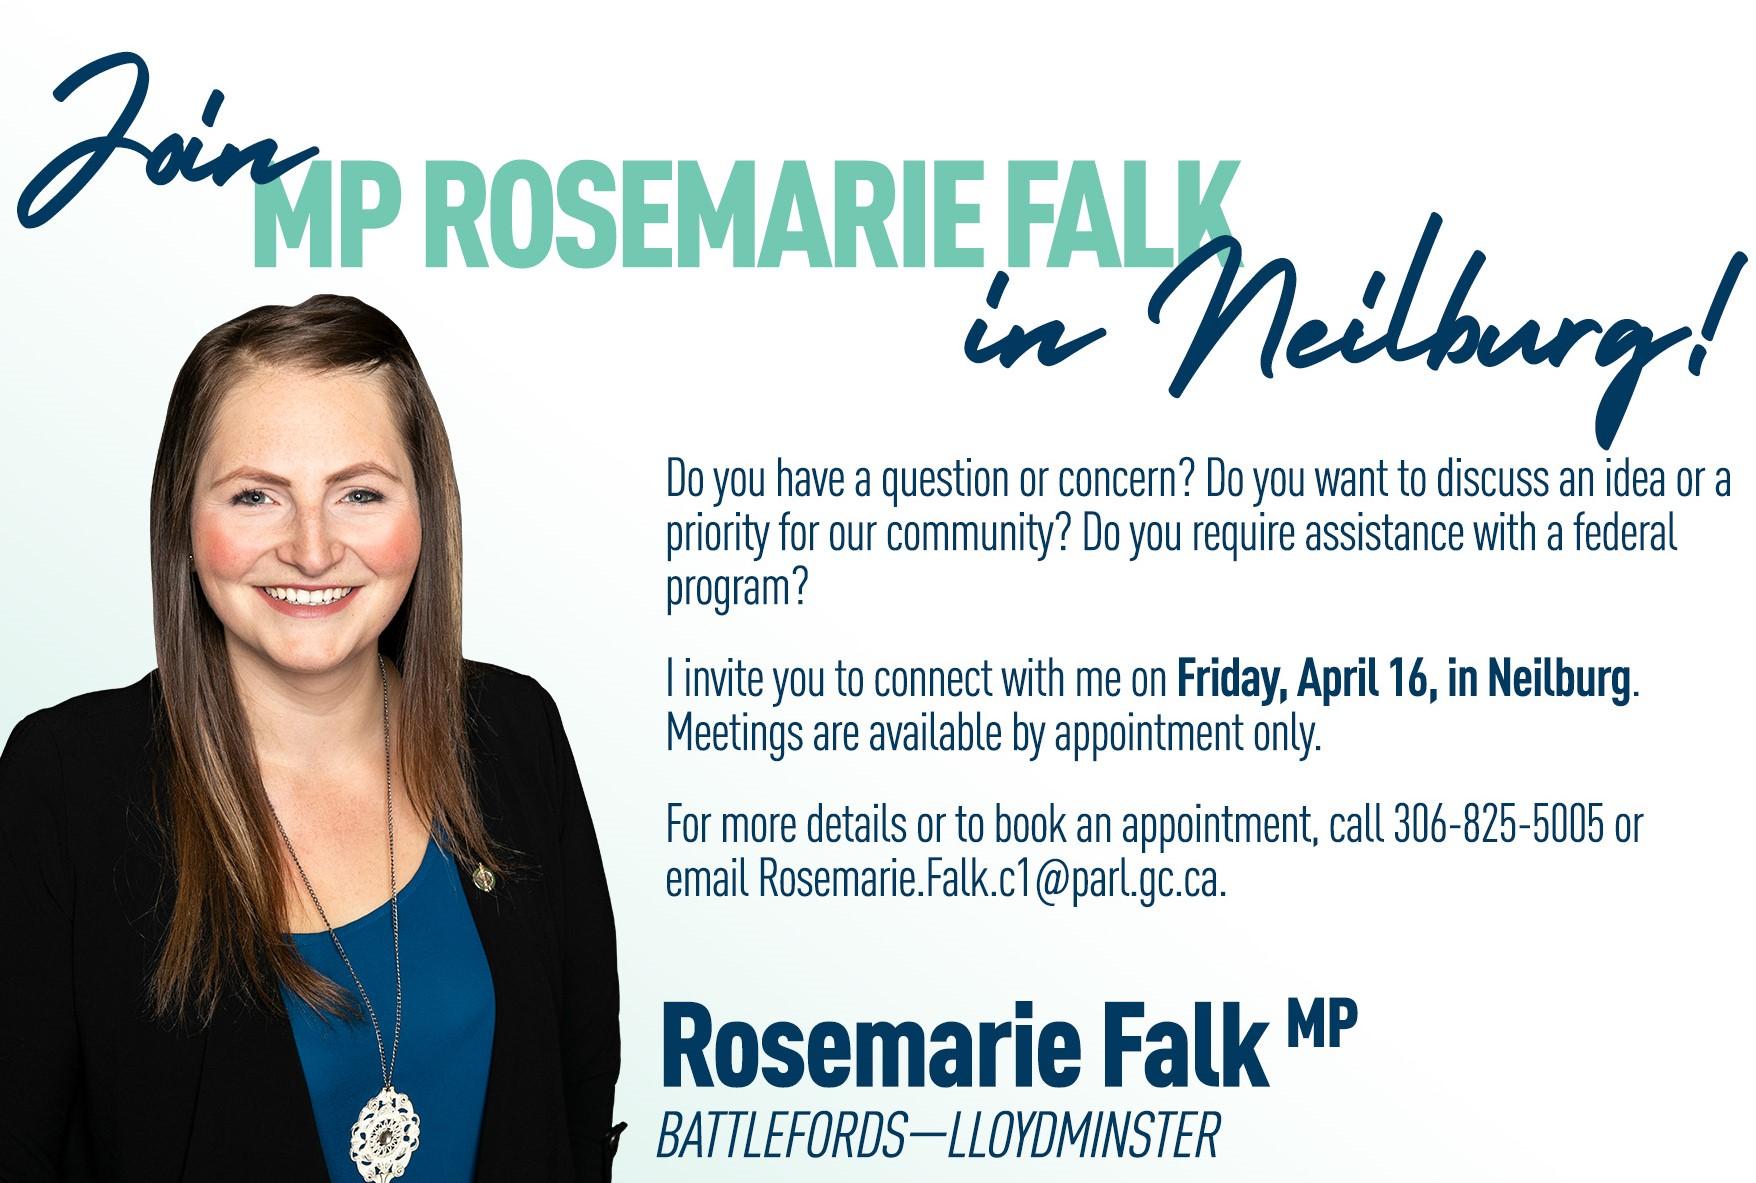 Join MP Rosemarie Falk in Neilburg